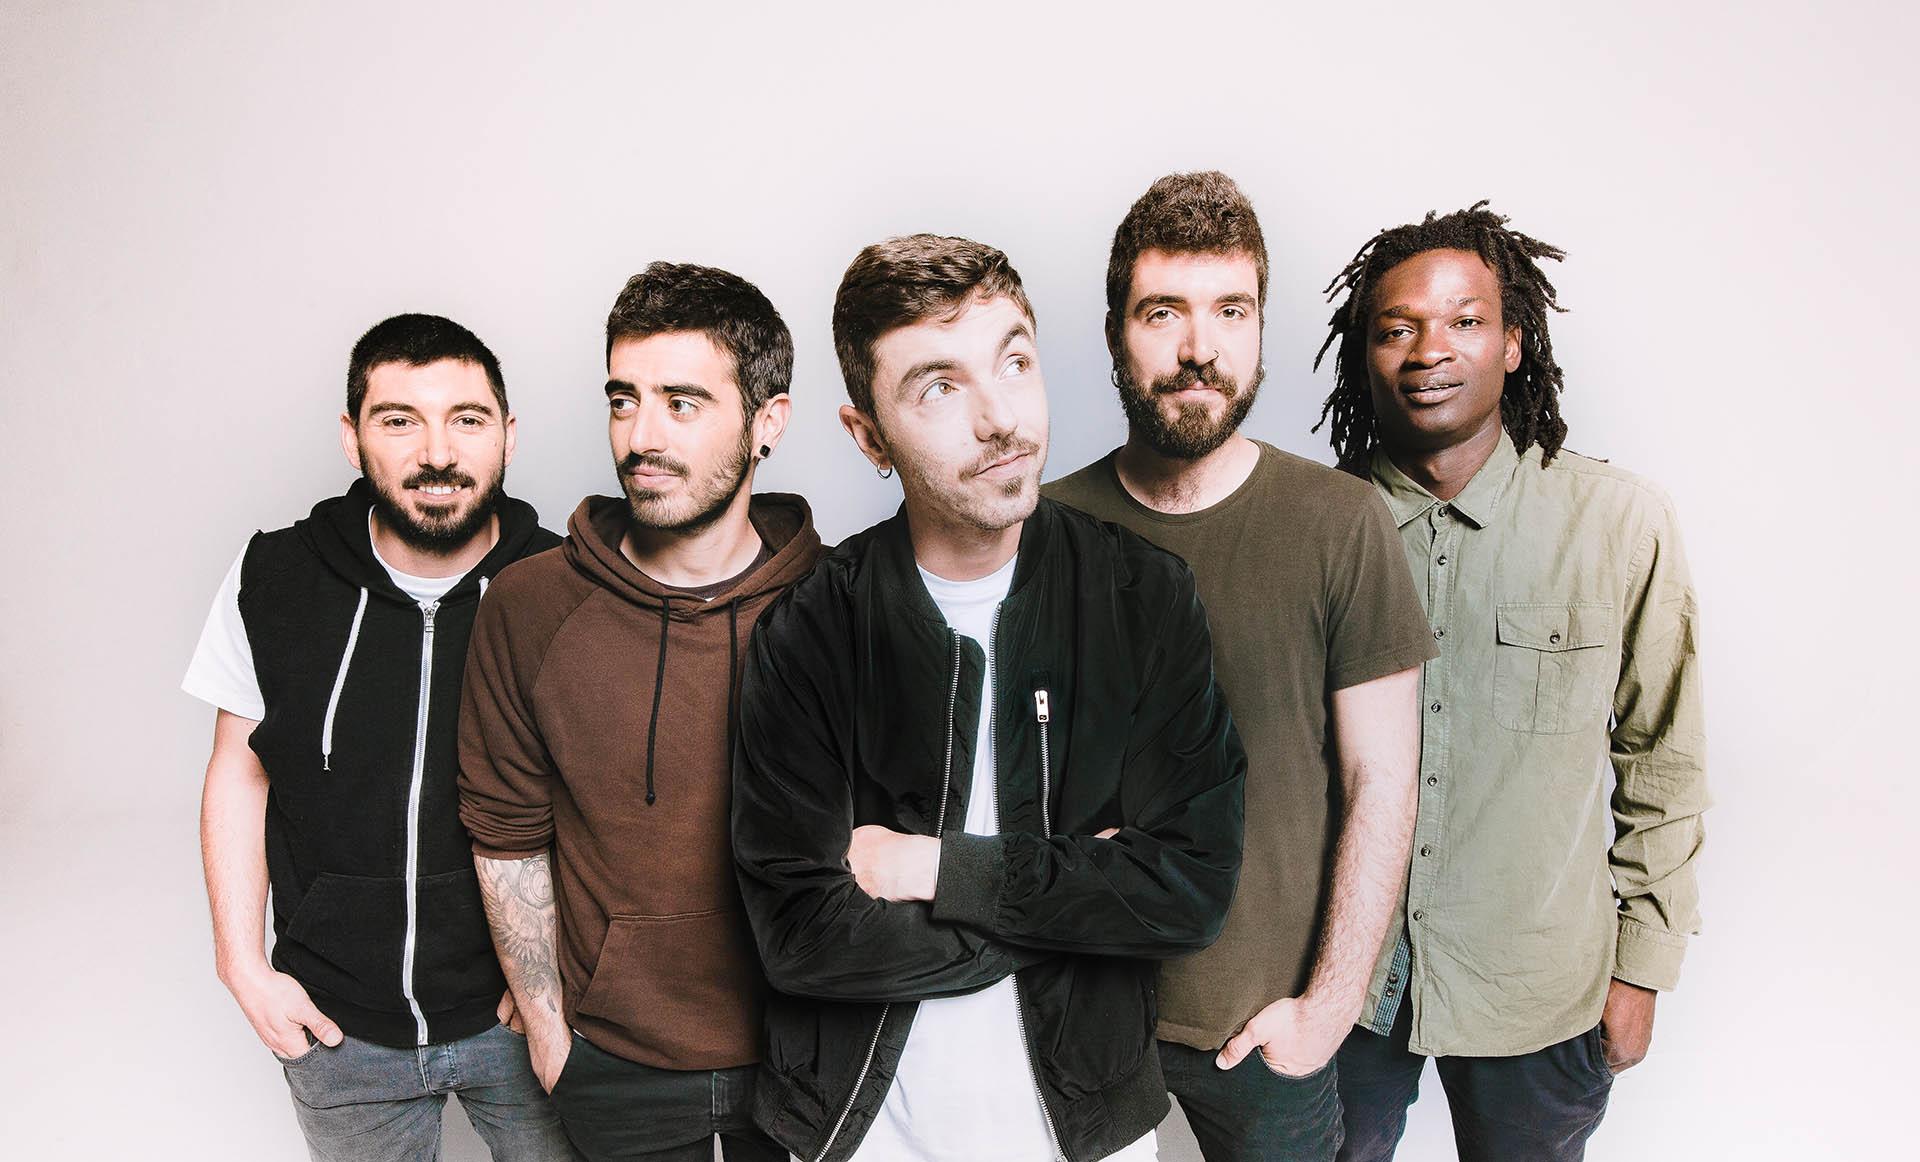 Nativa, imagen promocional del nuevo grupo formado por excomponentes de La Raíz